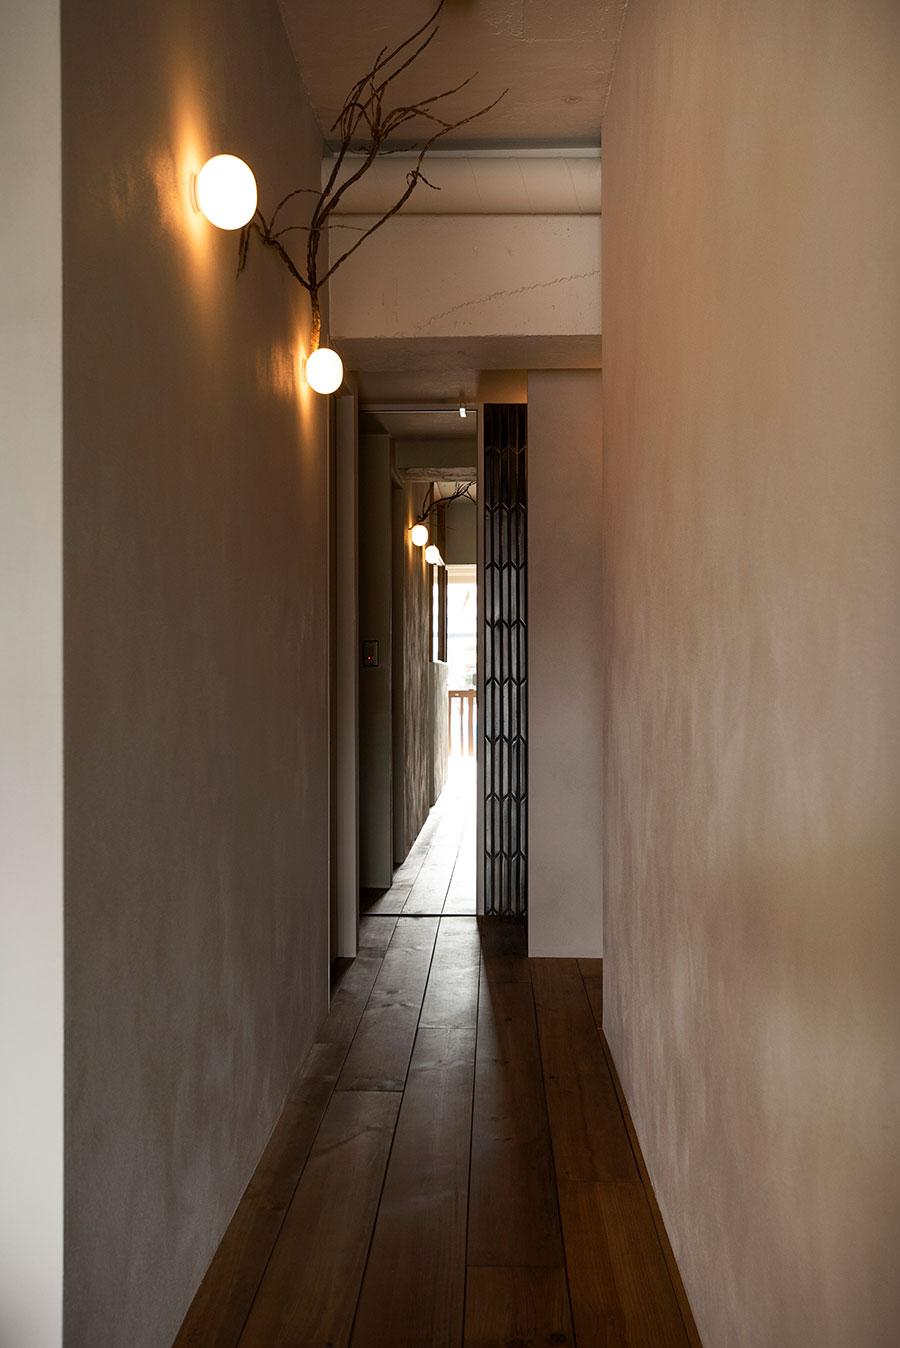 ニュアンスのある壁に包まれる廊下。突き当たりのトイレのドアを鏡にすることで、奥行き感を生んでいる。壁を照らす照明はFLOSのもの。